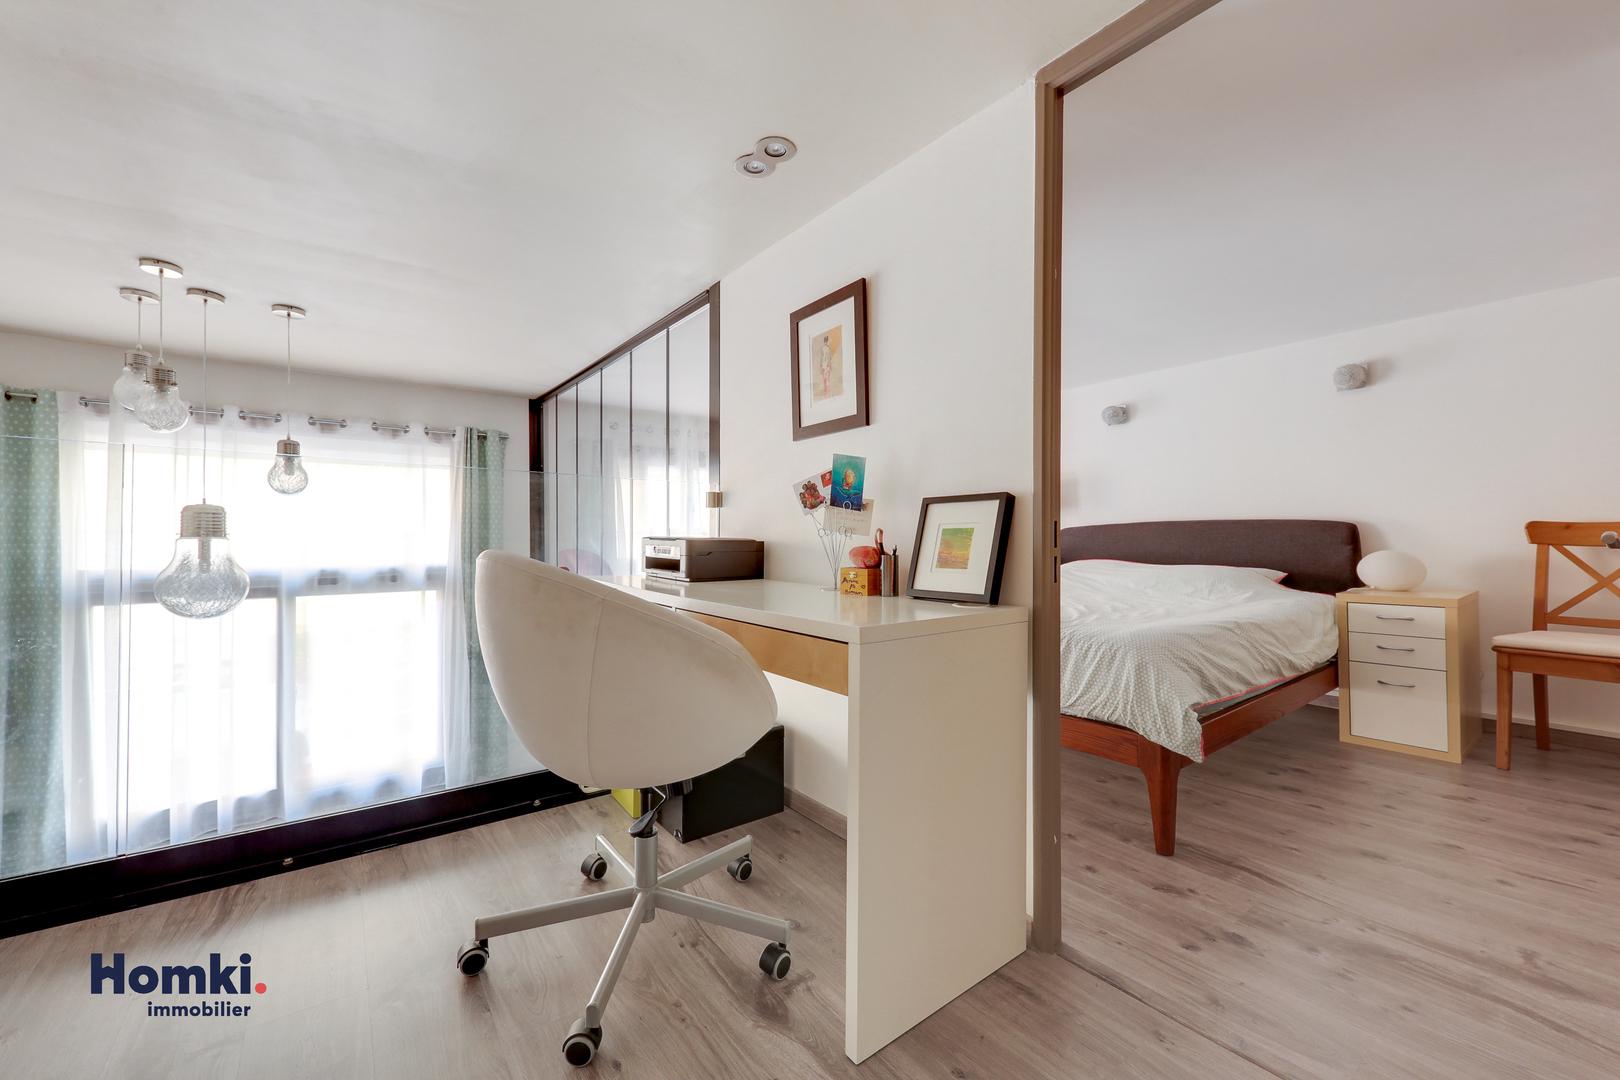 Vente appartement 115m² T3 69100_8